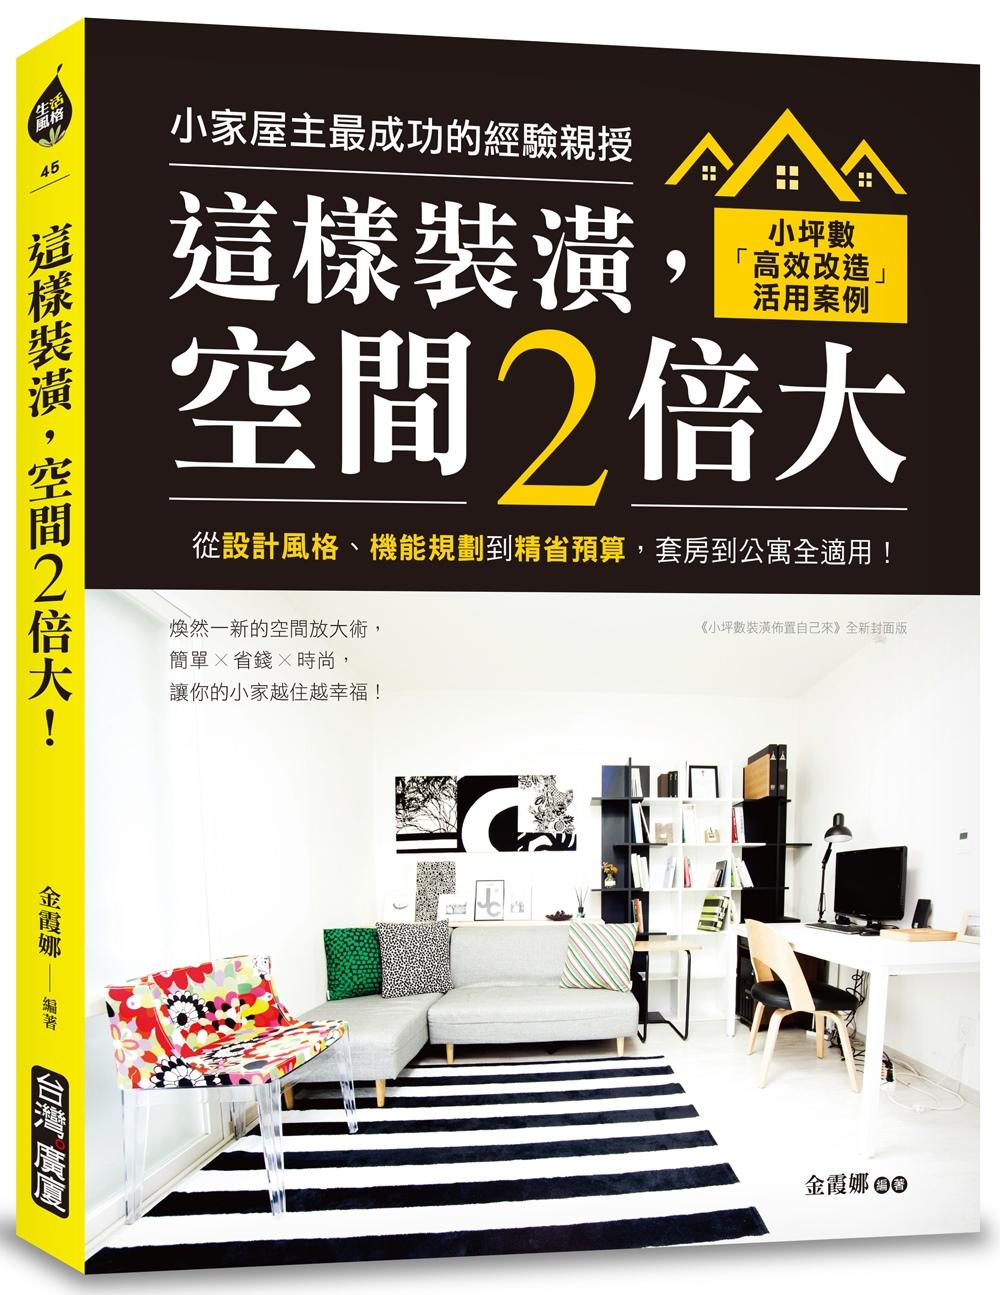 這樣裝潢,空間2倍大!:小坪數「高效改造」活用案例,從設計風格、機能規劃到精省預算,套房到公寓全適用!